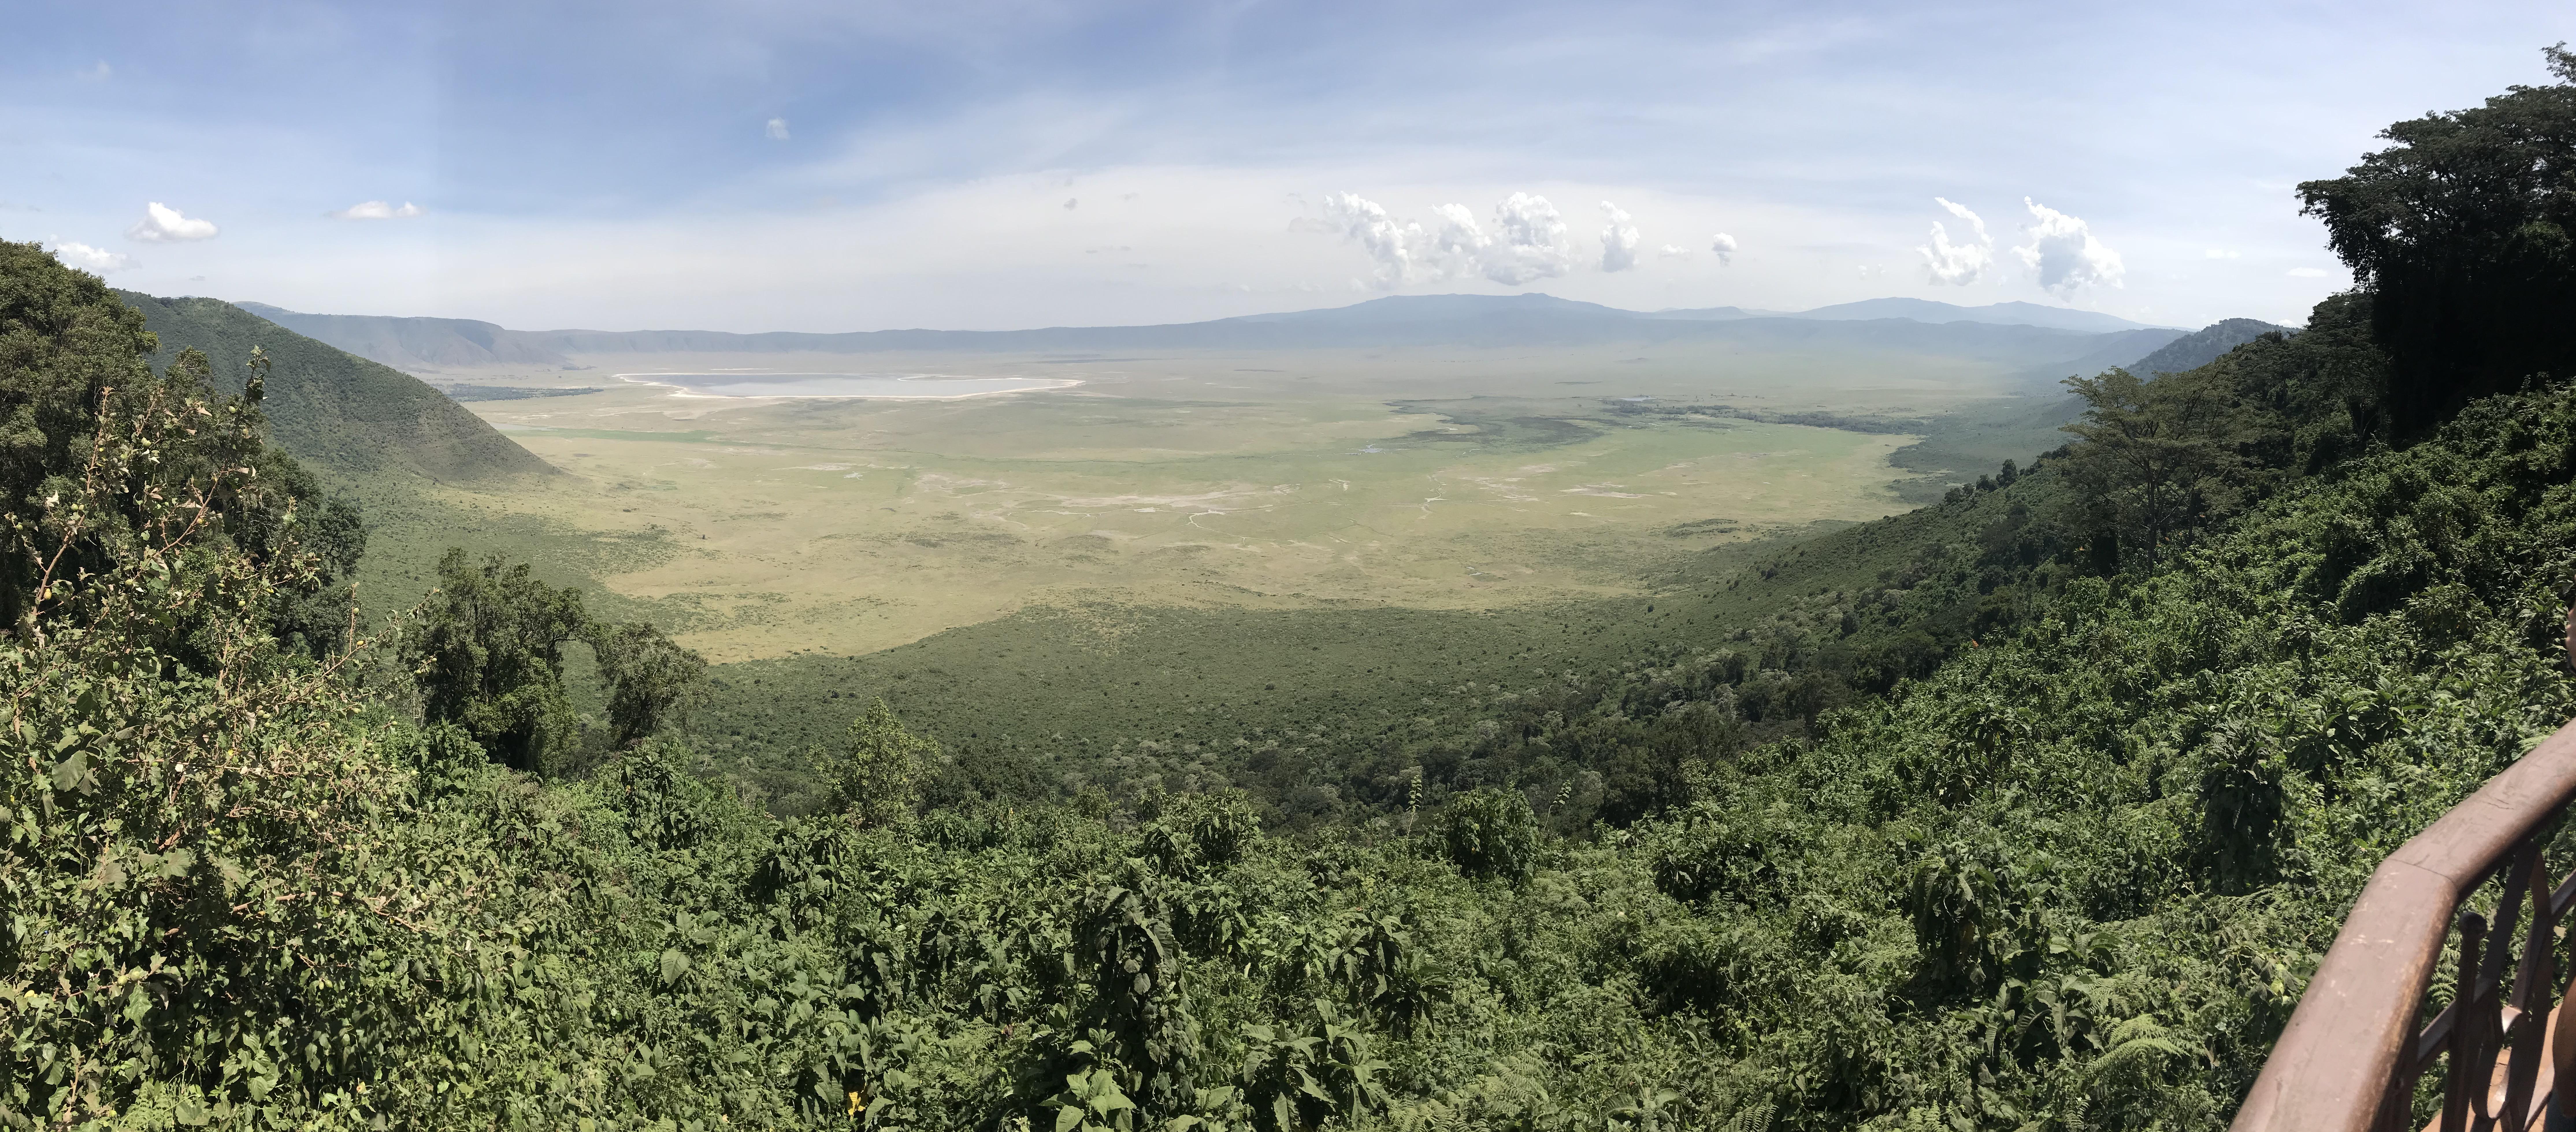 ンゴロンゴロ・クレーター・サファリ・パーク